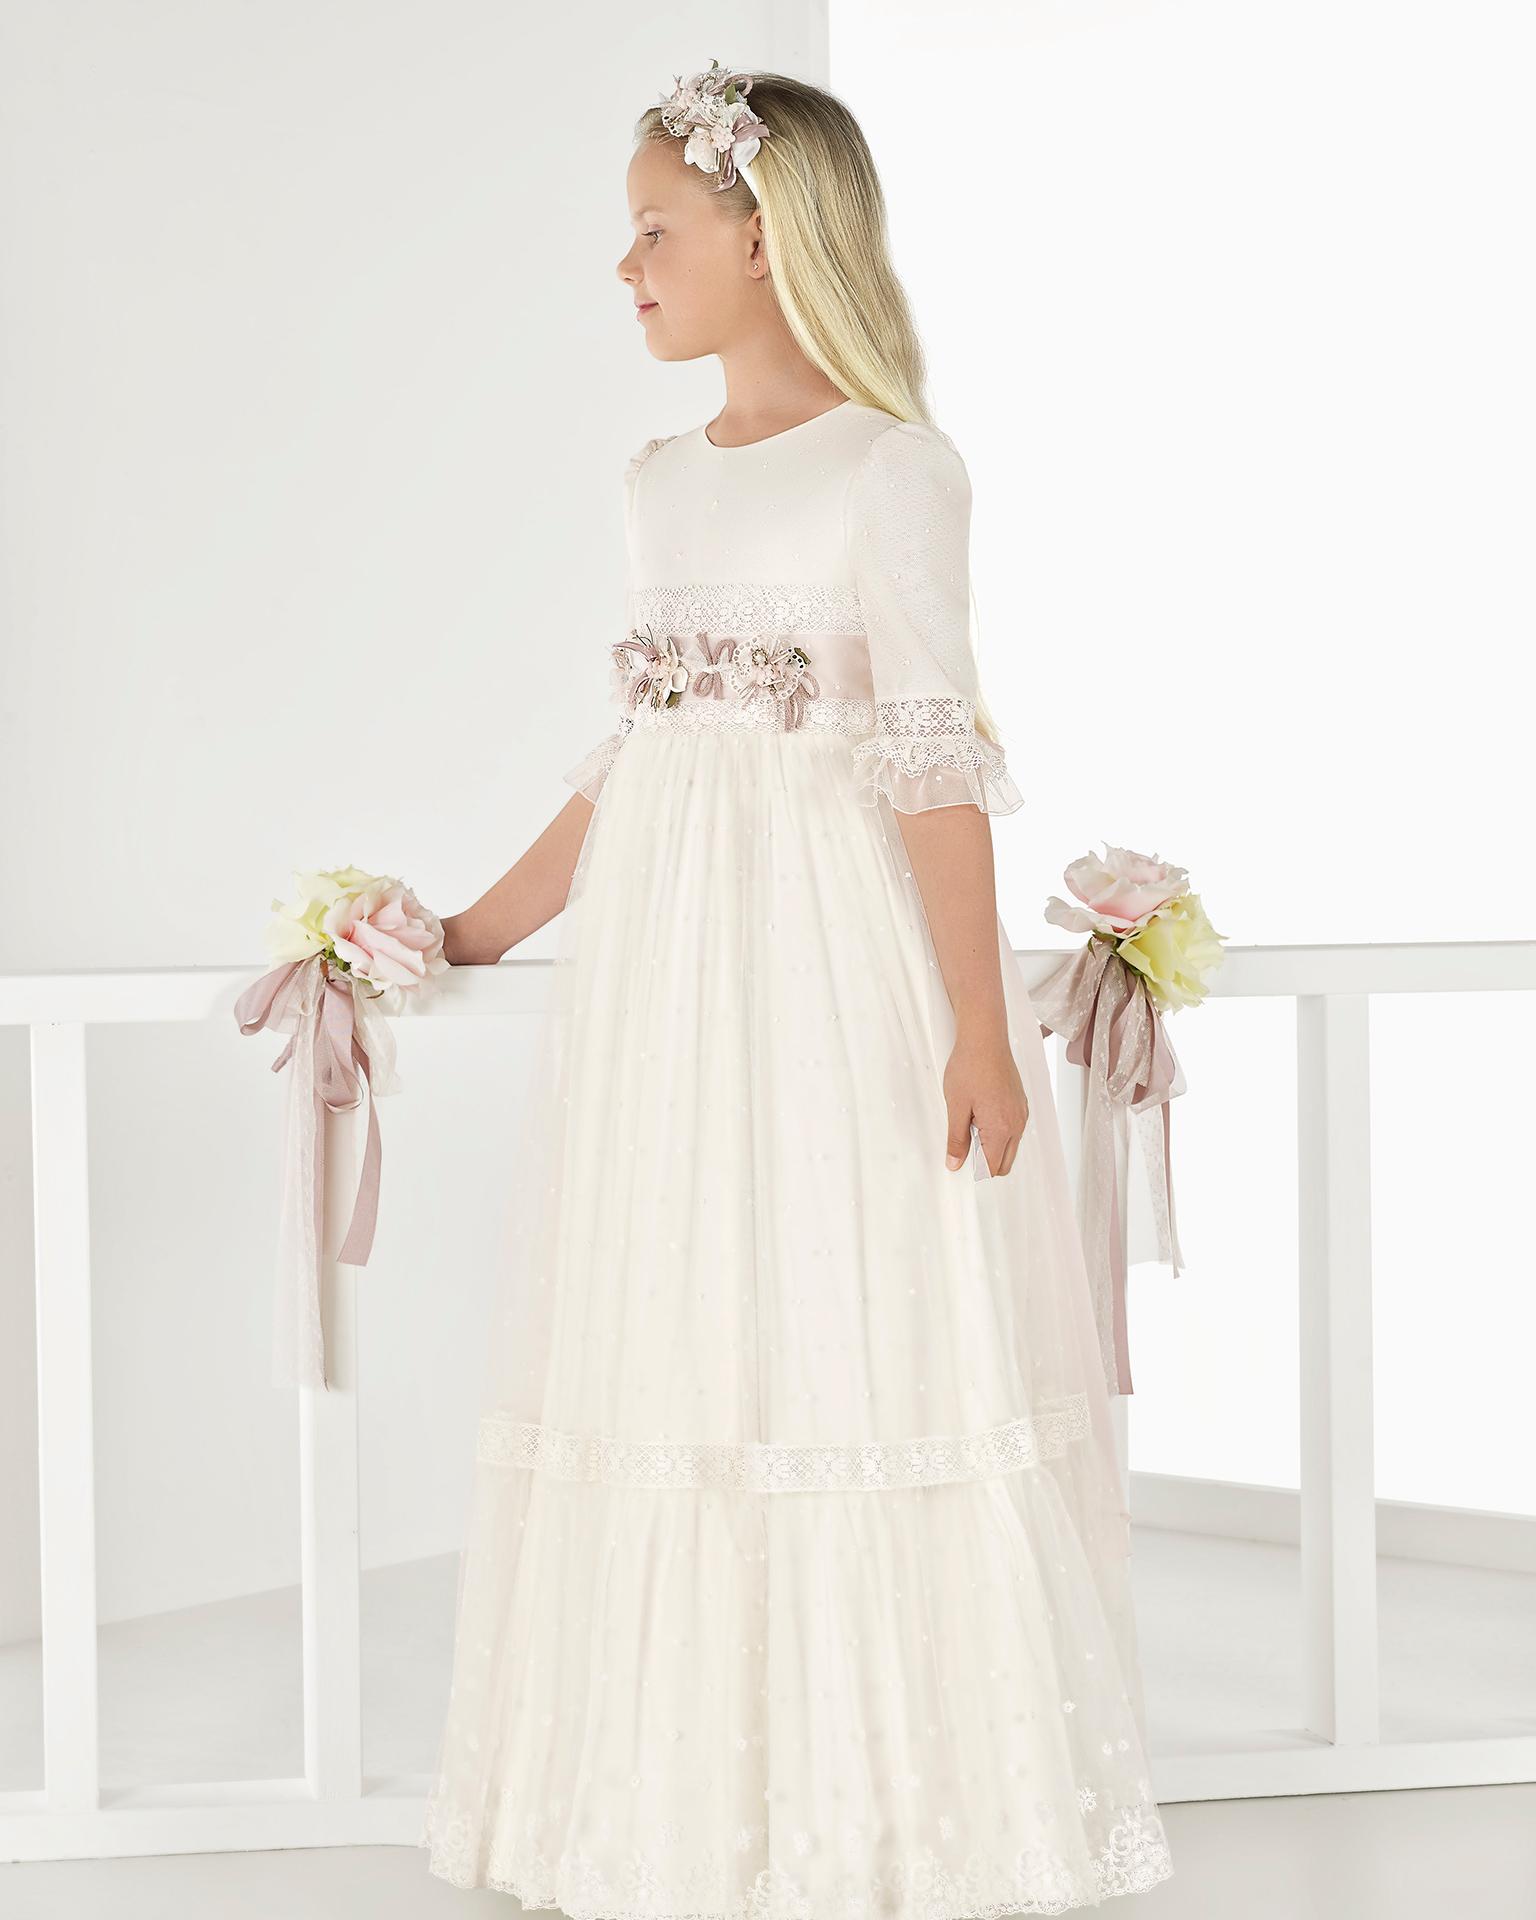 Rochie stil prințesă pentru comuniune din tul brodat, cu talie imperială, de culoare ivorie. Colecția AIRE COMUNION 2018.